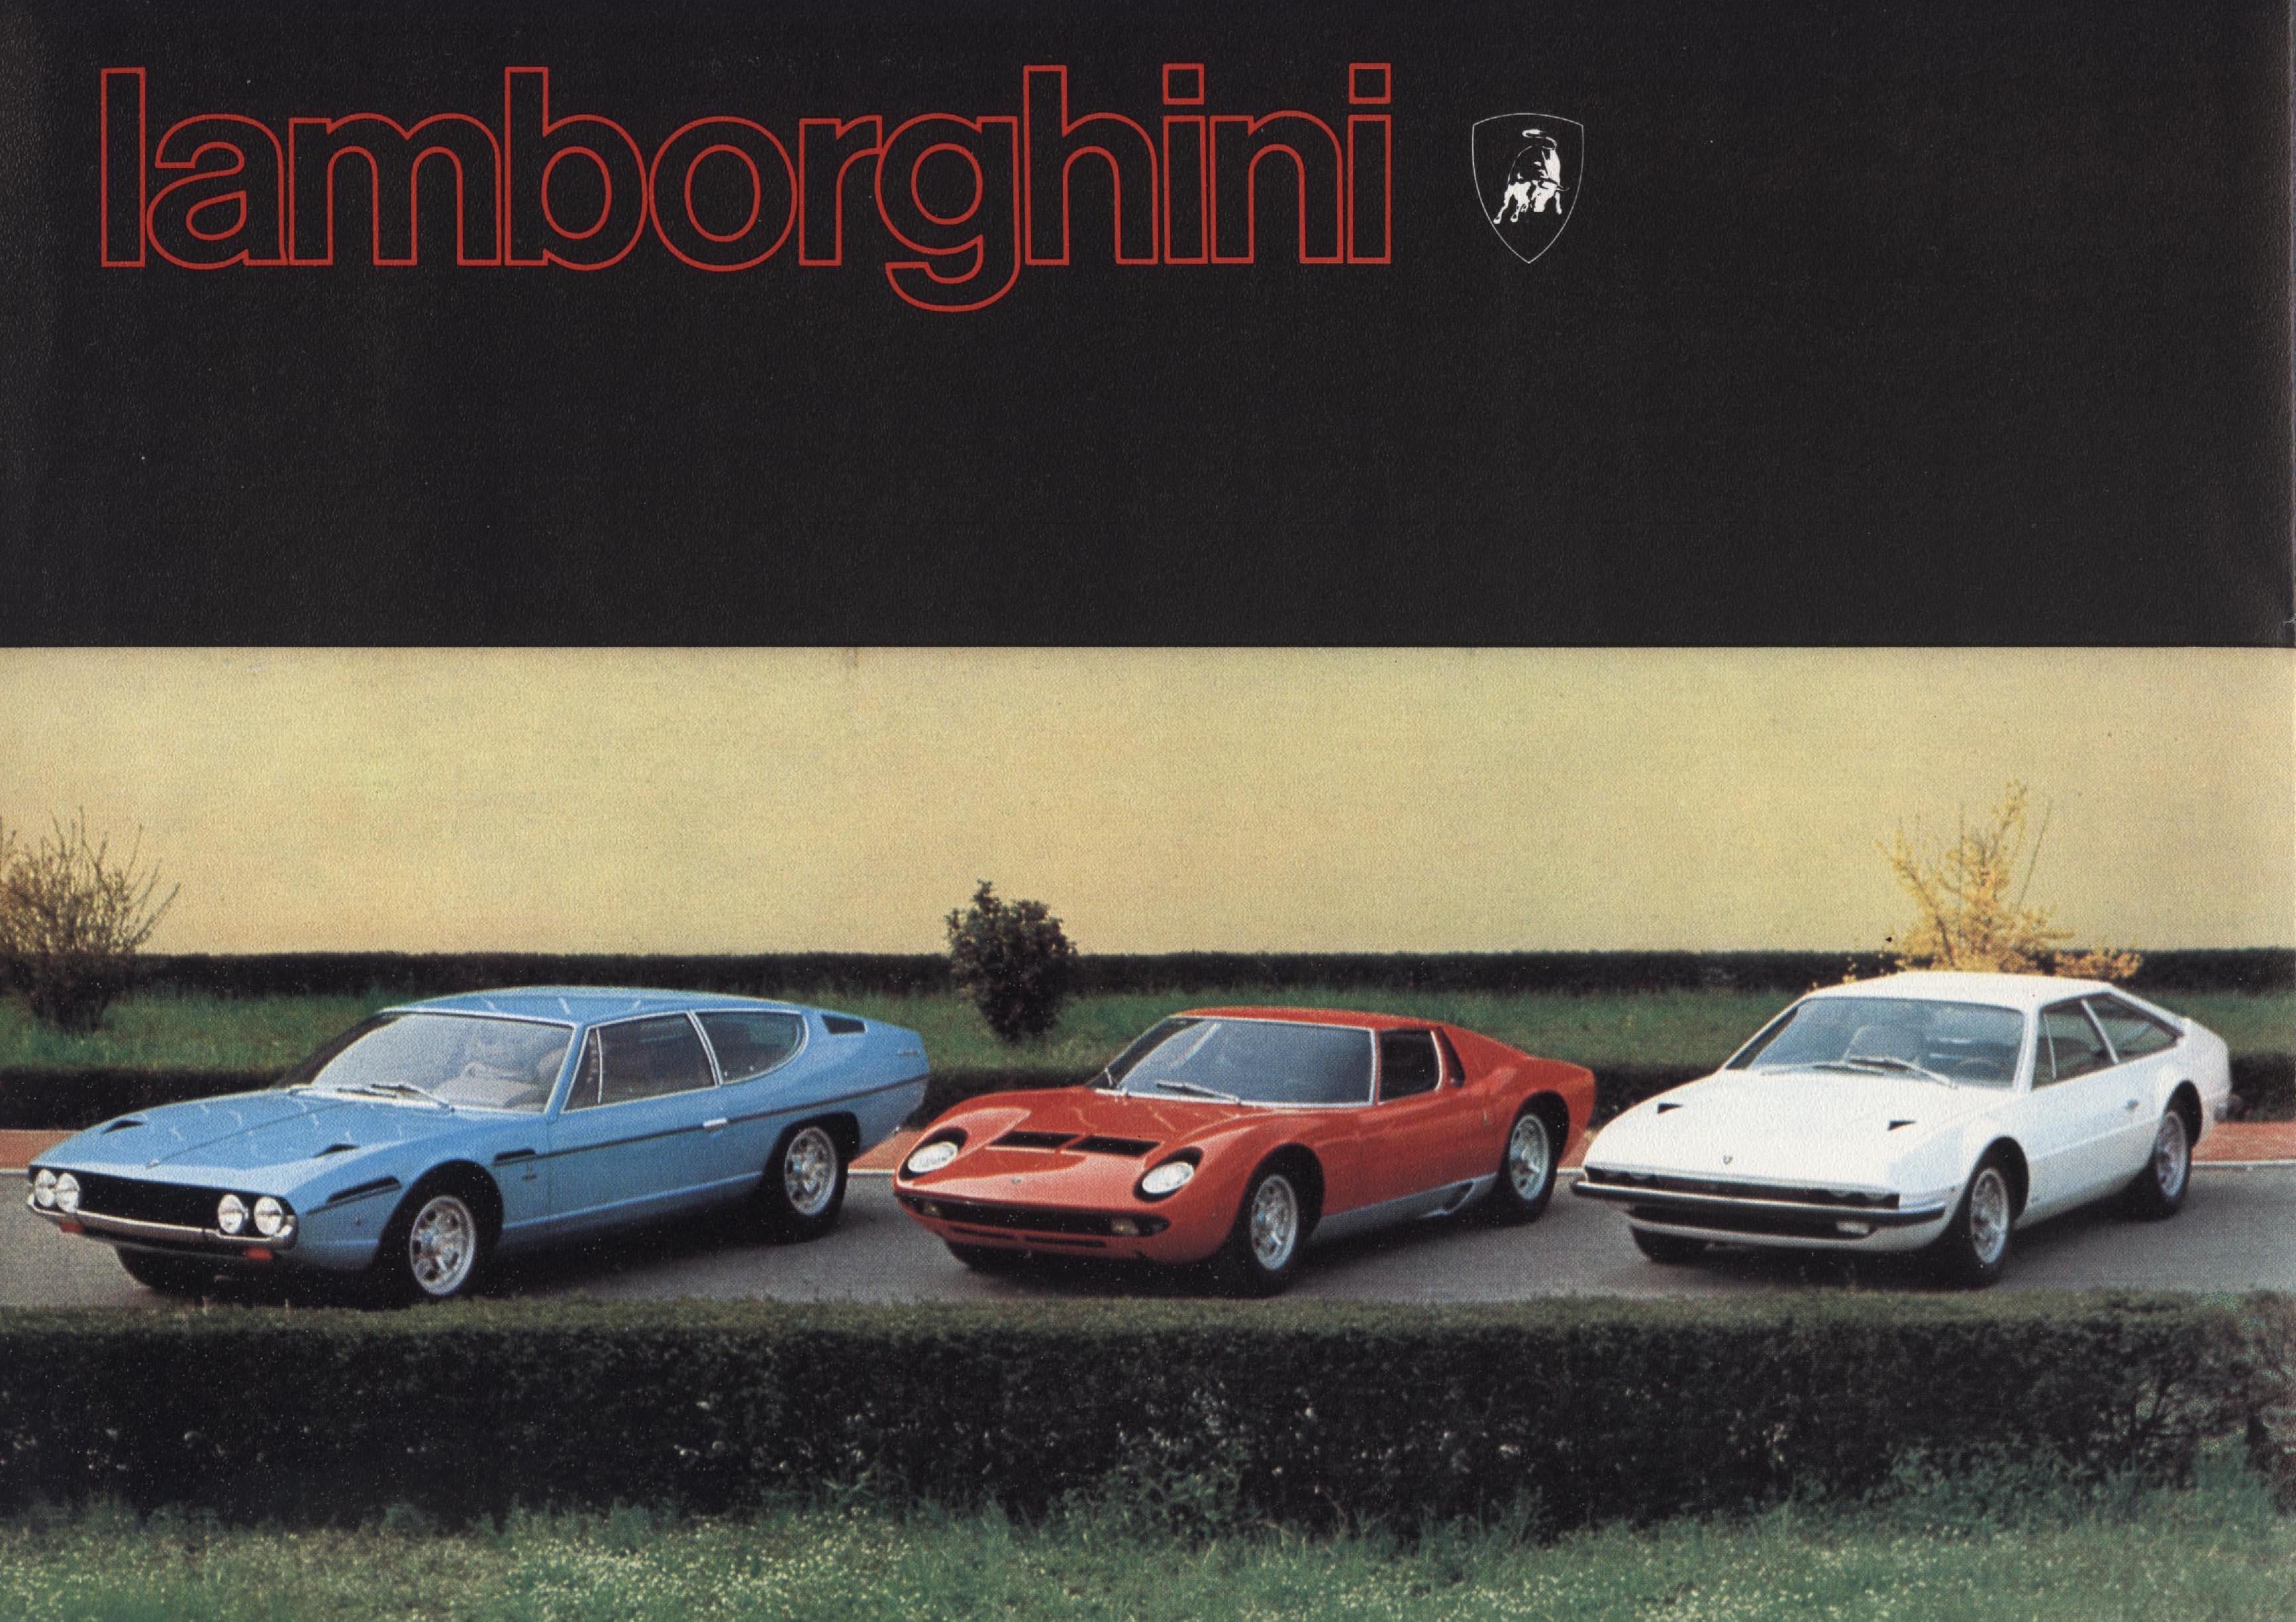 Lamborghini-Miura-P400-S-